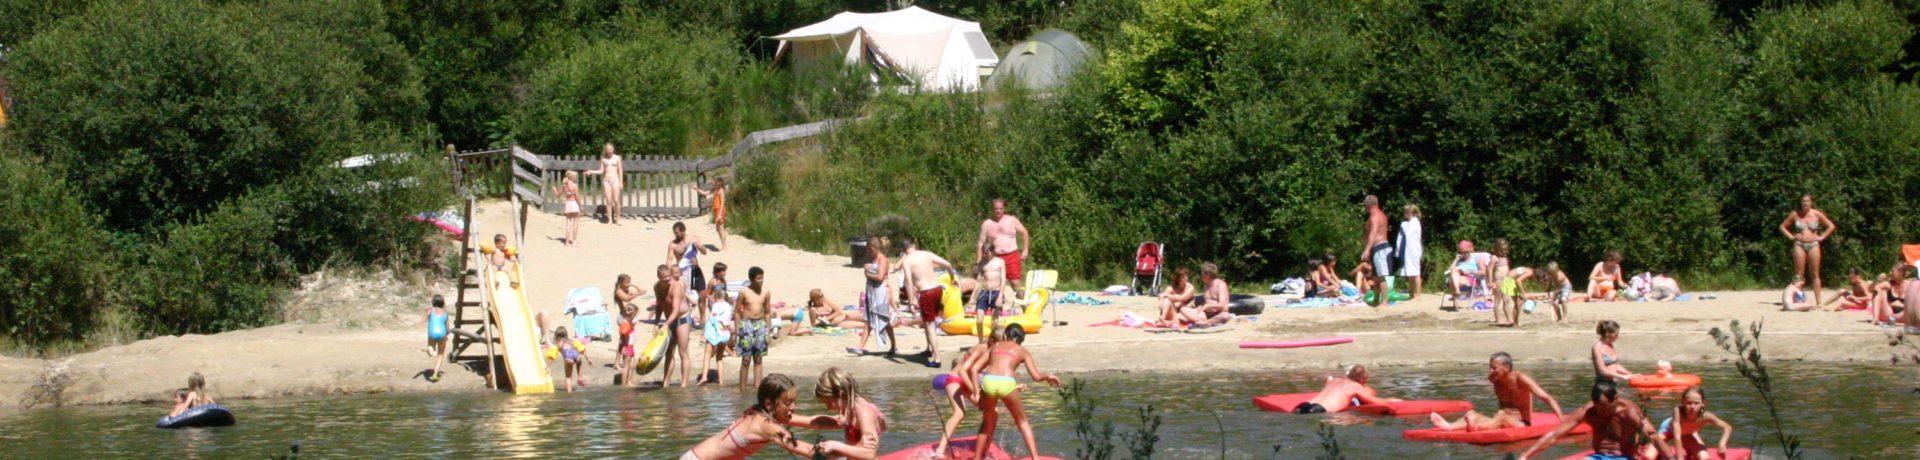 Camping Goudal in La Salvetat-sur-Agout is een landelijk gelegen charme camping met zwembad in het departement Hérault gelegen aan een zwemmeer.